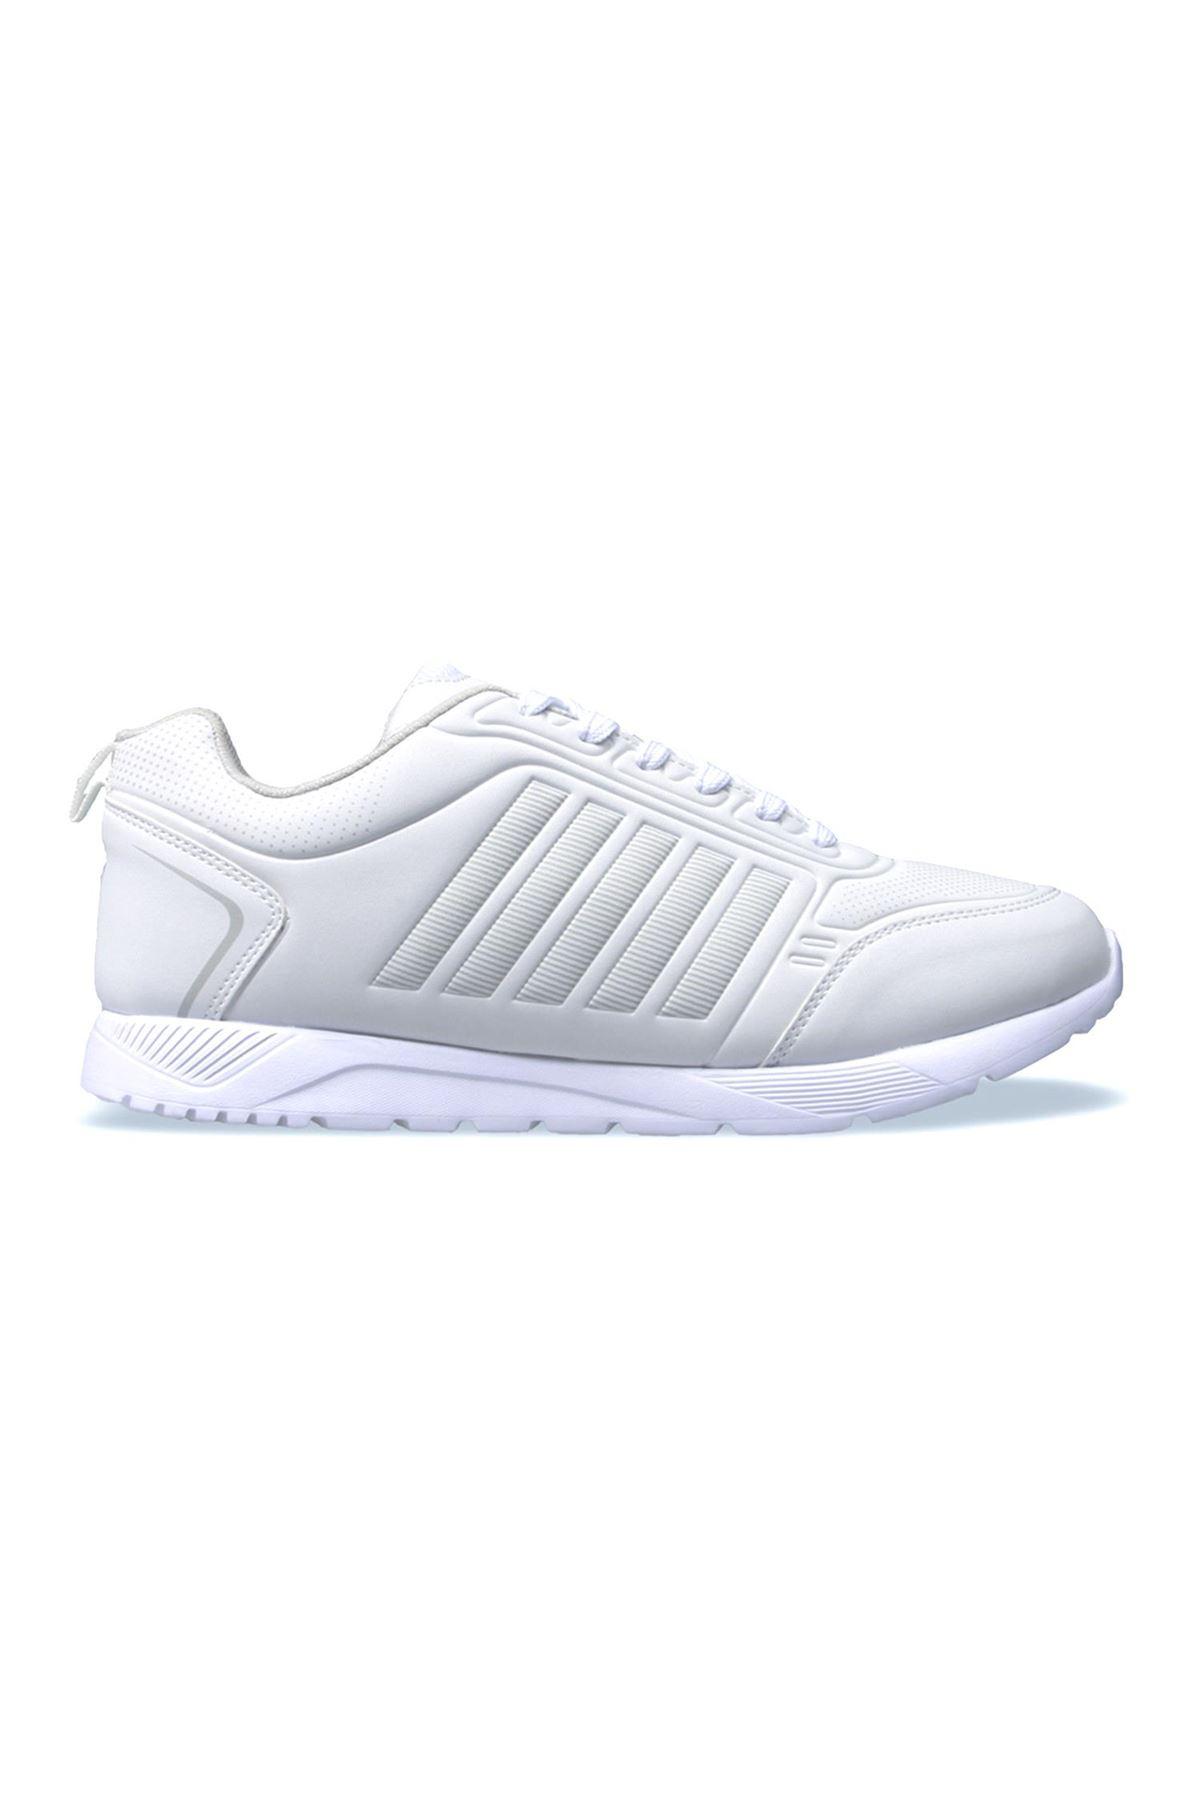 MP 501232 White Edition Erkek Günlük Beyaz Spor Ayakkabı